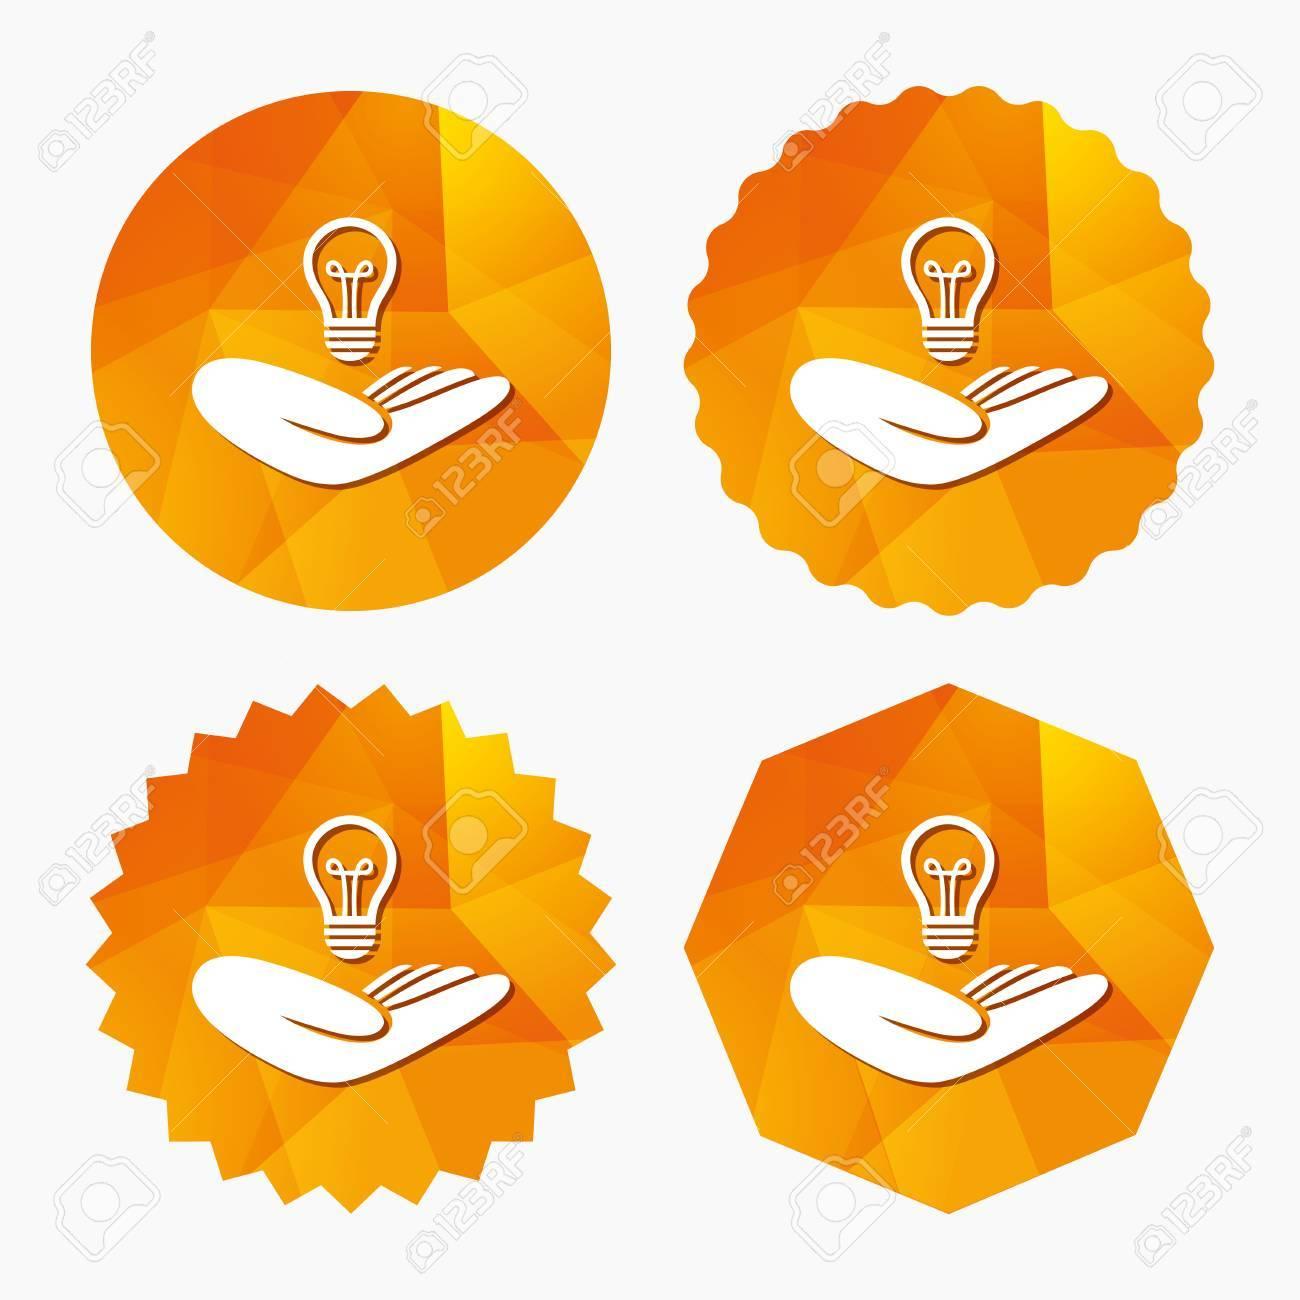 Idée signe d'assurance de brevet  Main tient le symbole de l'ampoule de la  lampe  Propriété intellectuelle  Triangulaire boutons de poly bas avec